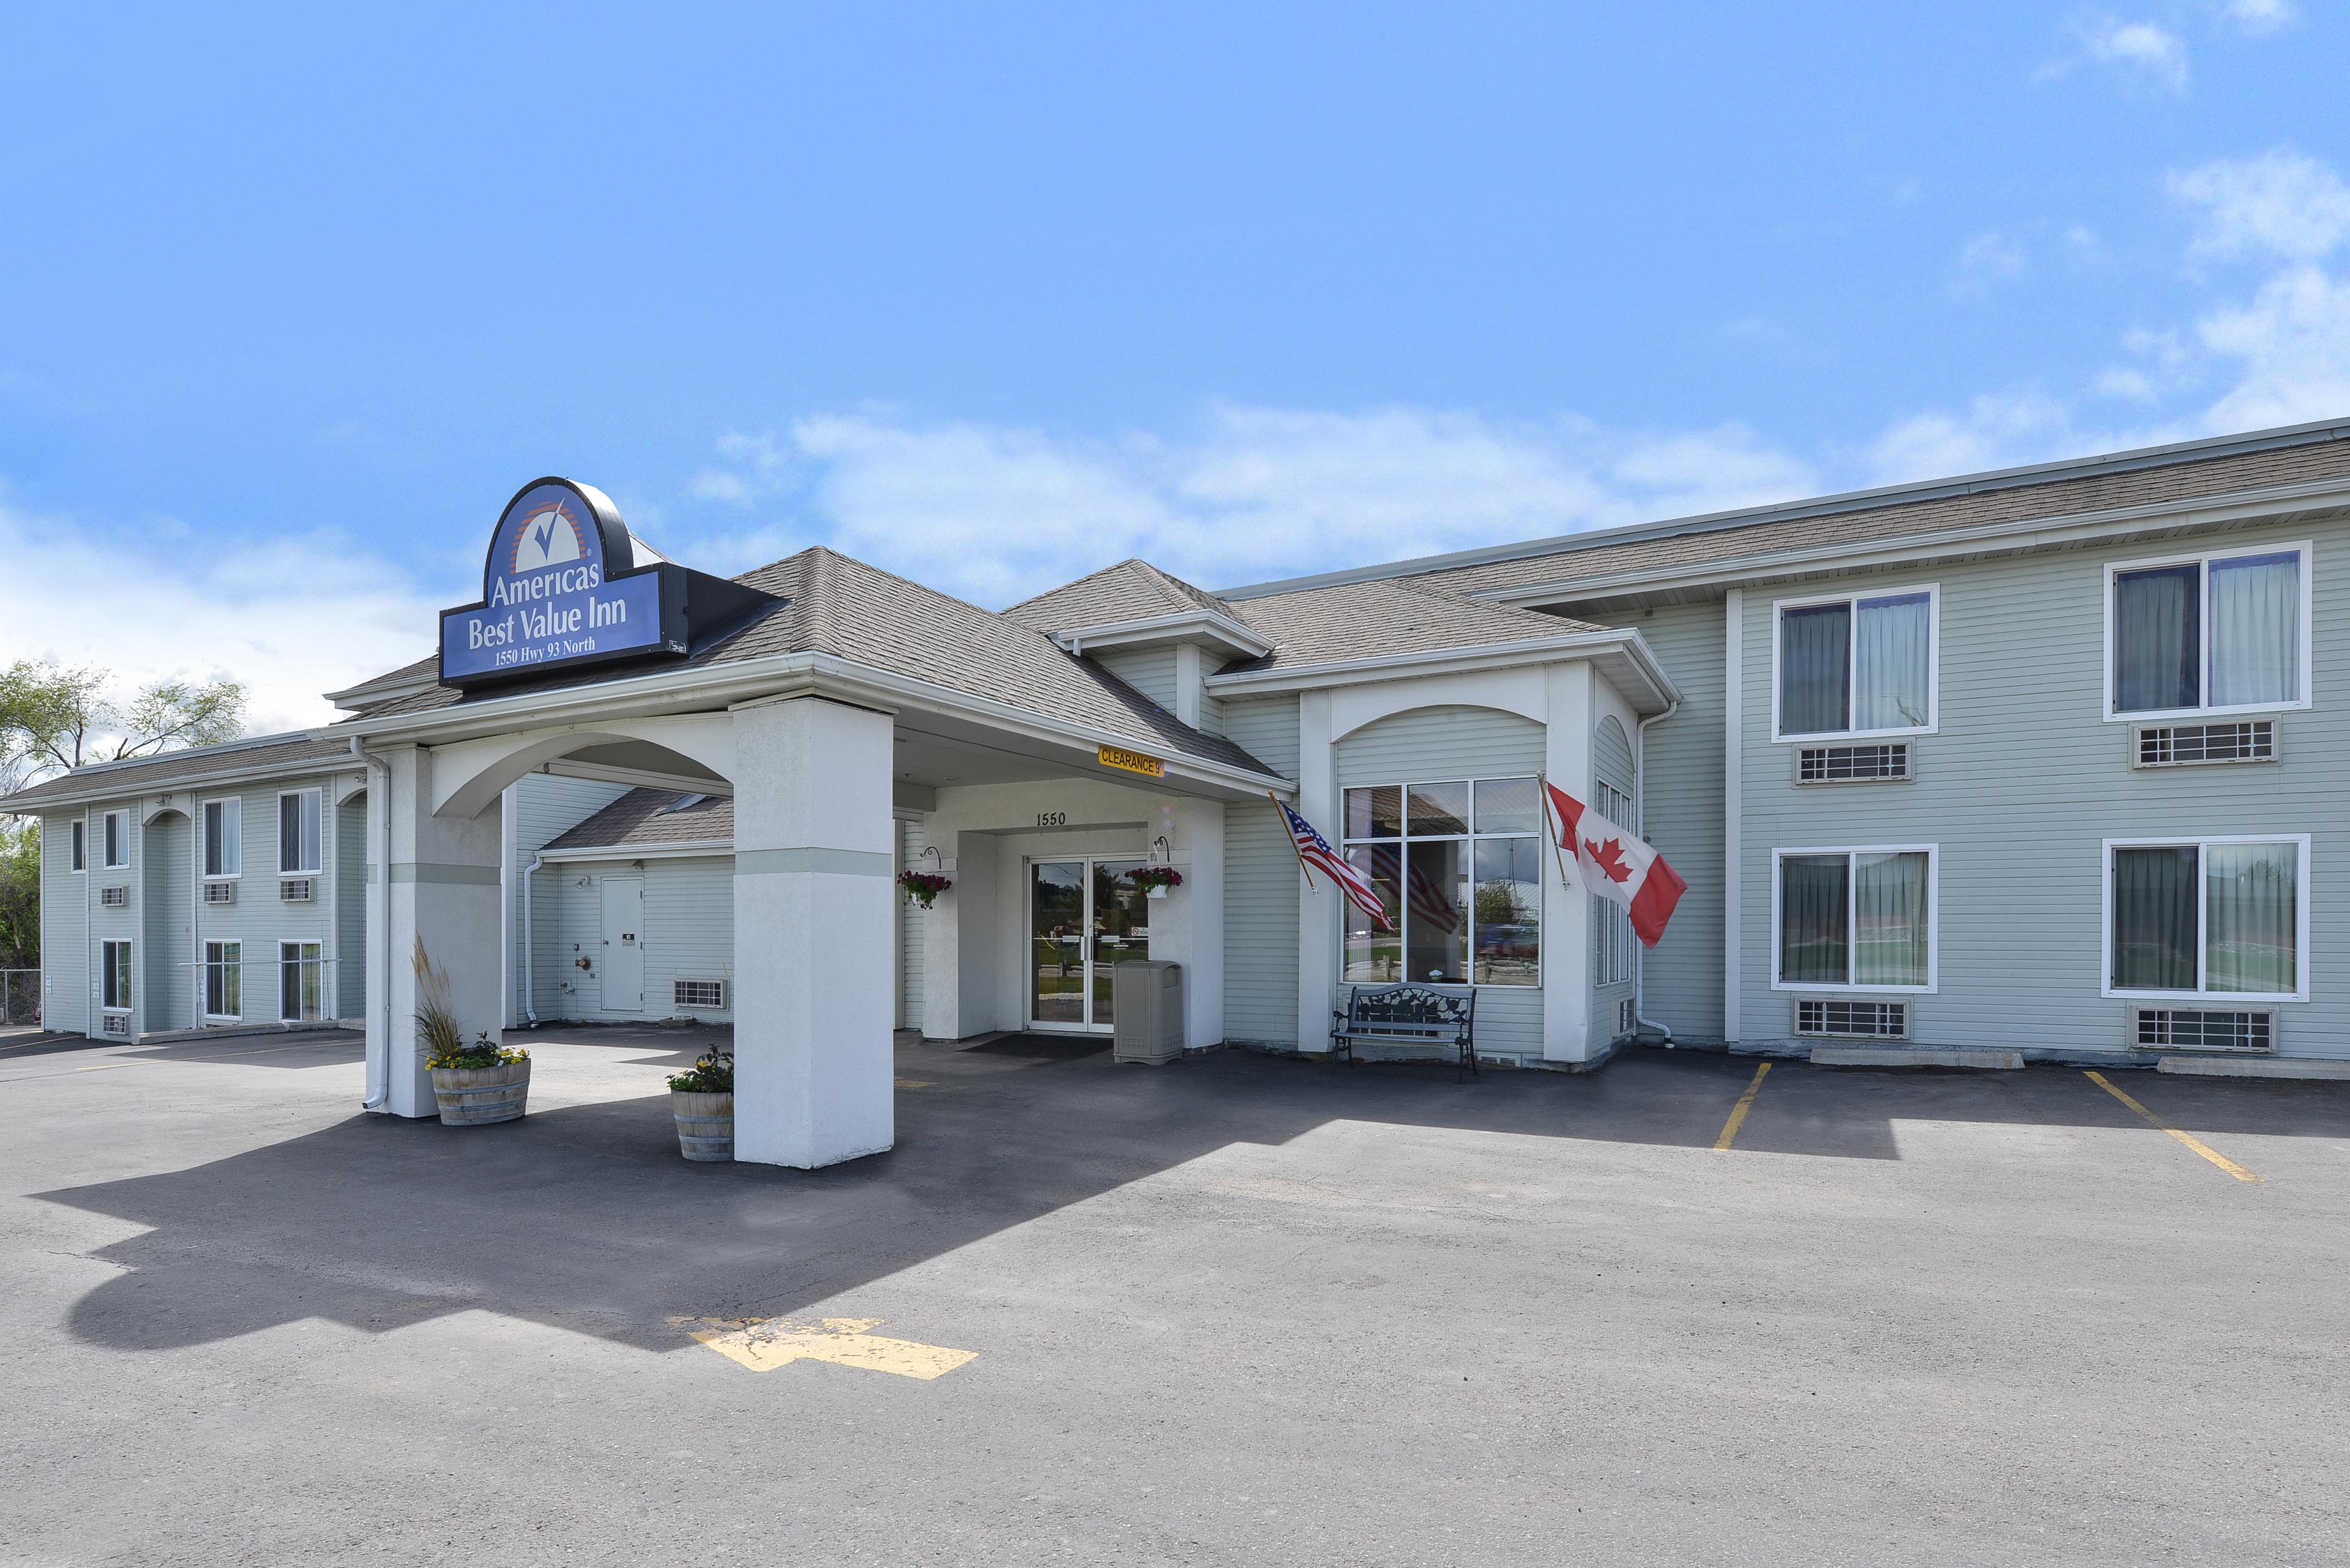 Americas Best Value Inn - Kalispell